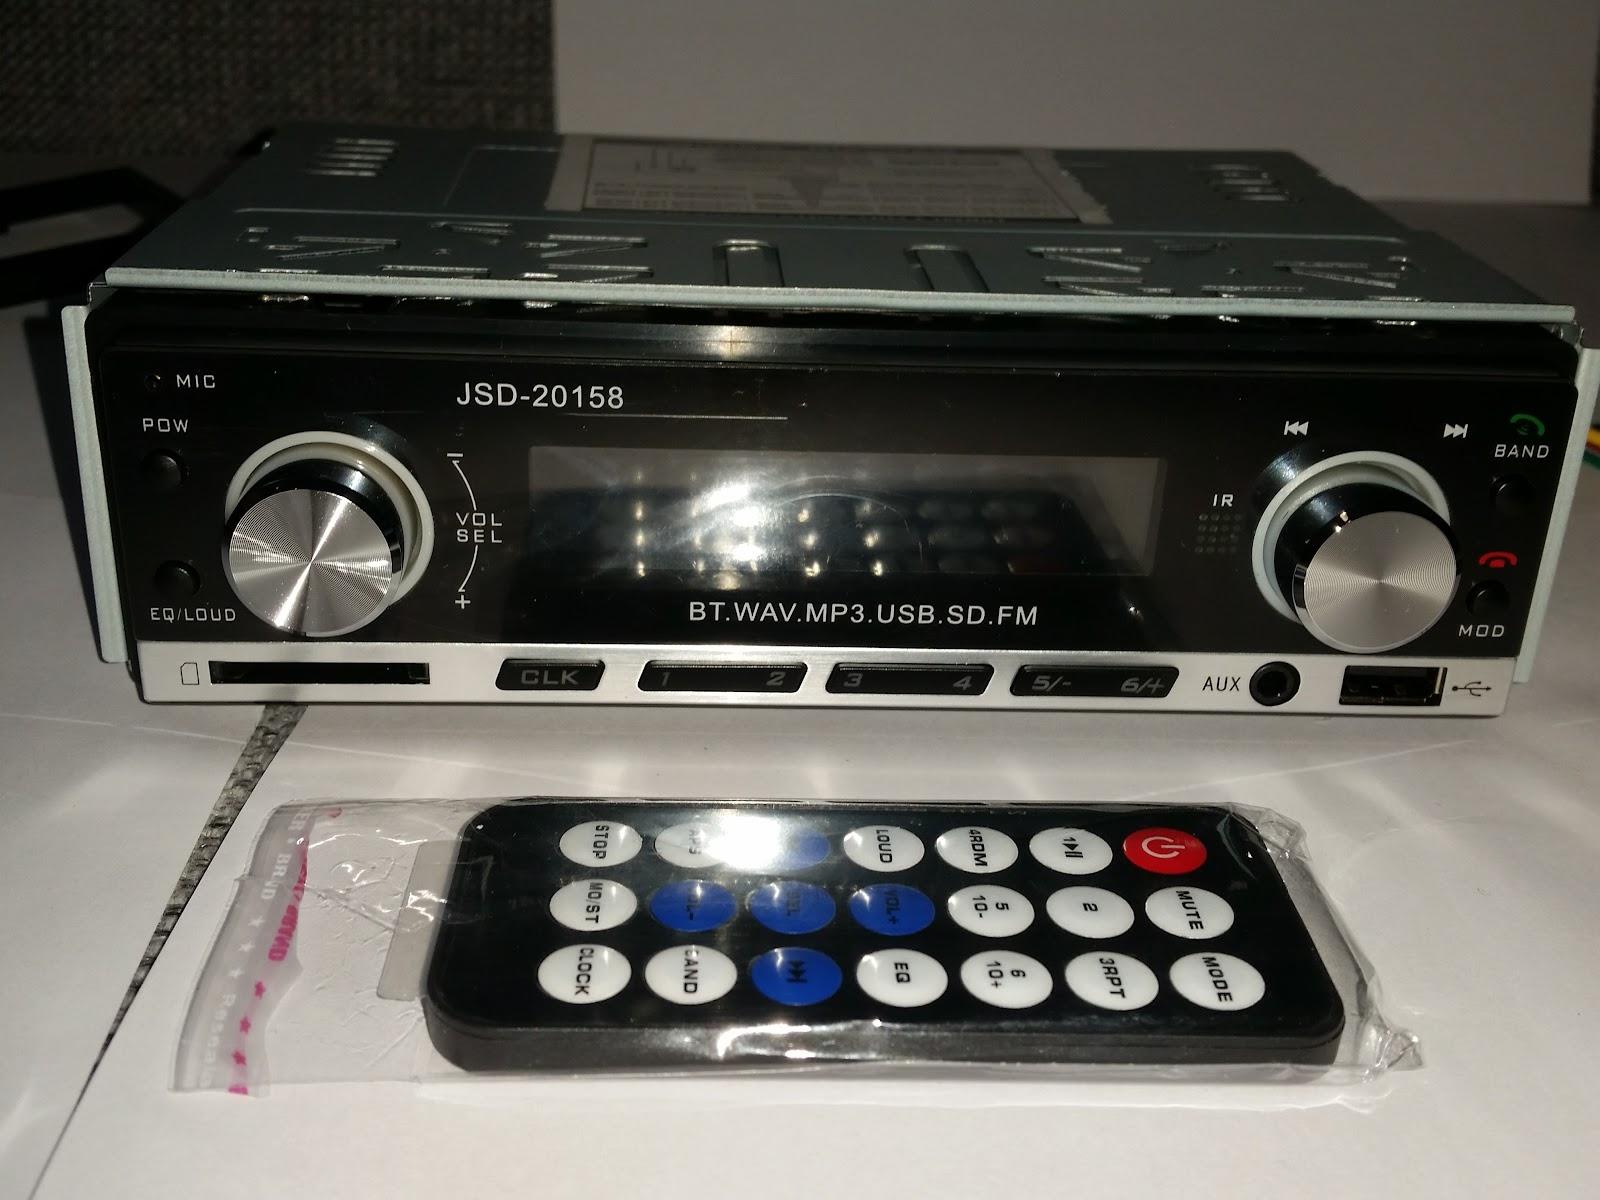 Autoradio Bluetooth Encastré Multifonctions Lecteur MP3 Radio FM entrée Aux Port SD & USB Kit Mains Libres www.avalonkef.com fhg.jpg